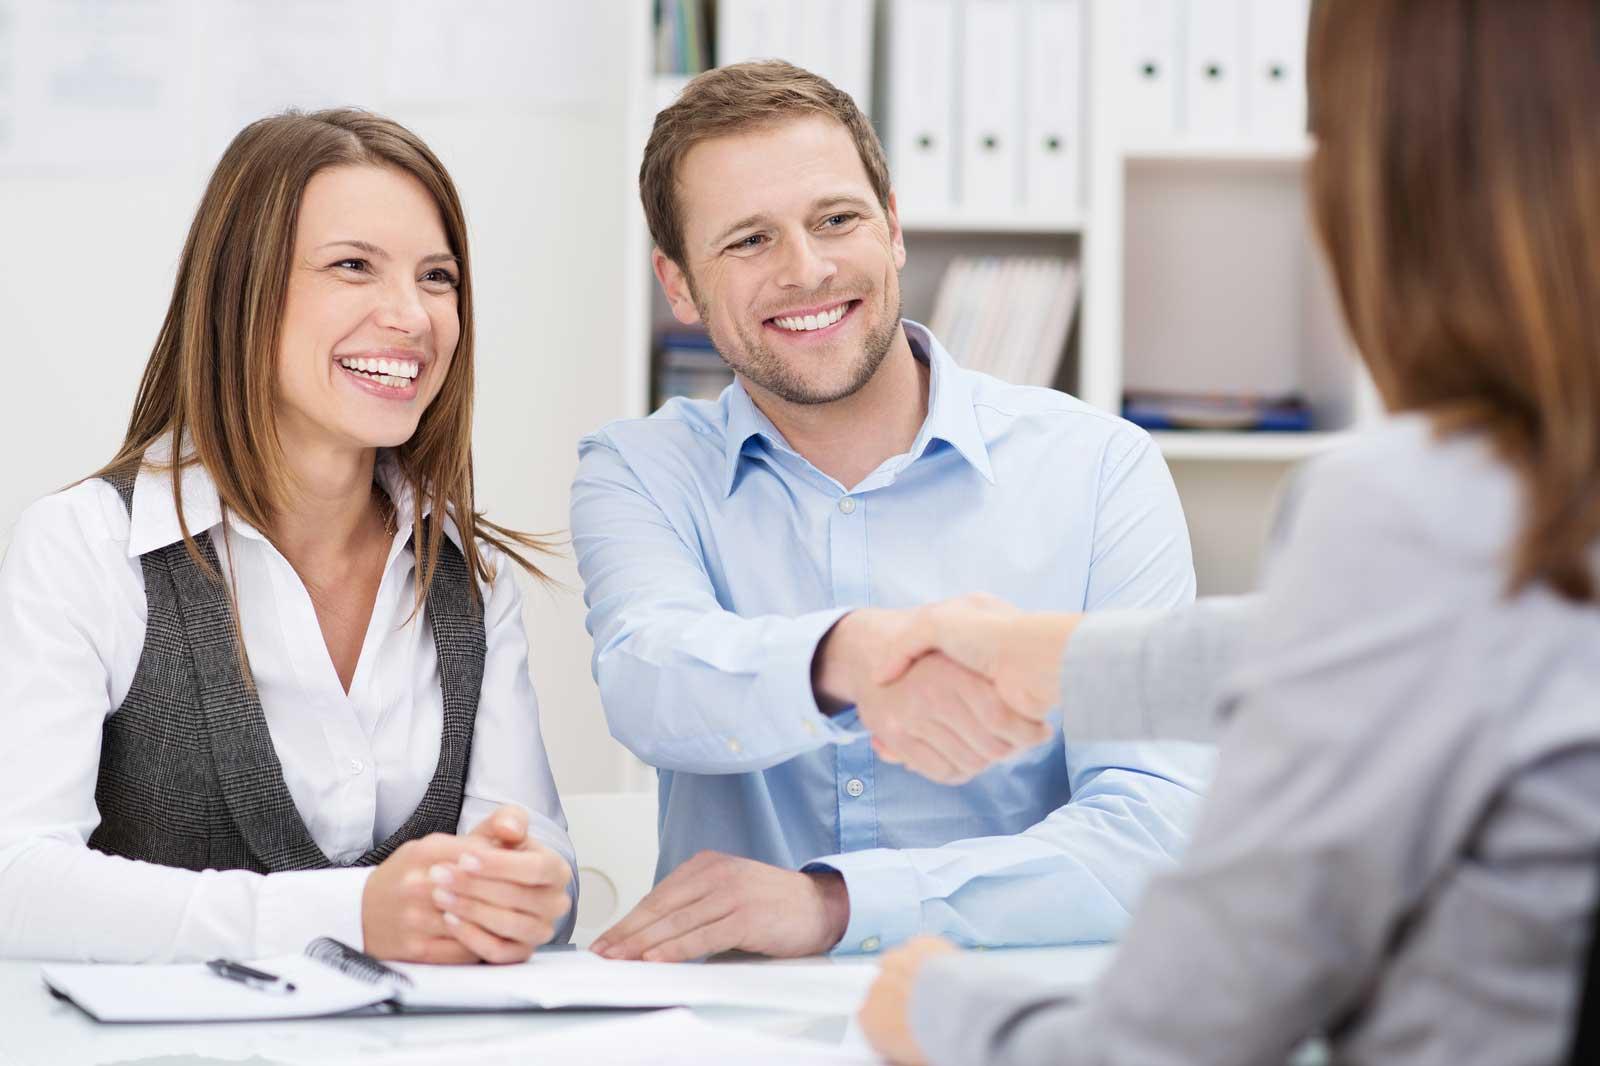 Indirekte Kunden- und Interessentenbindung